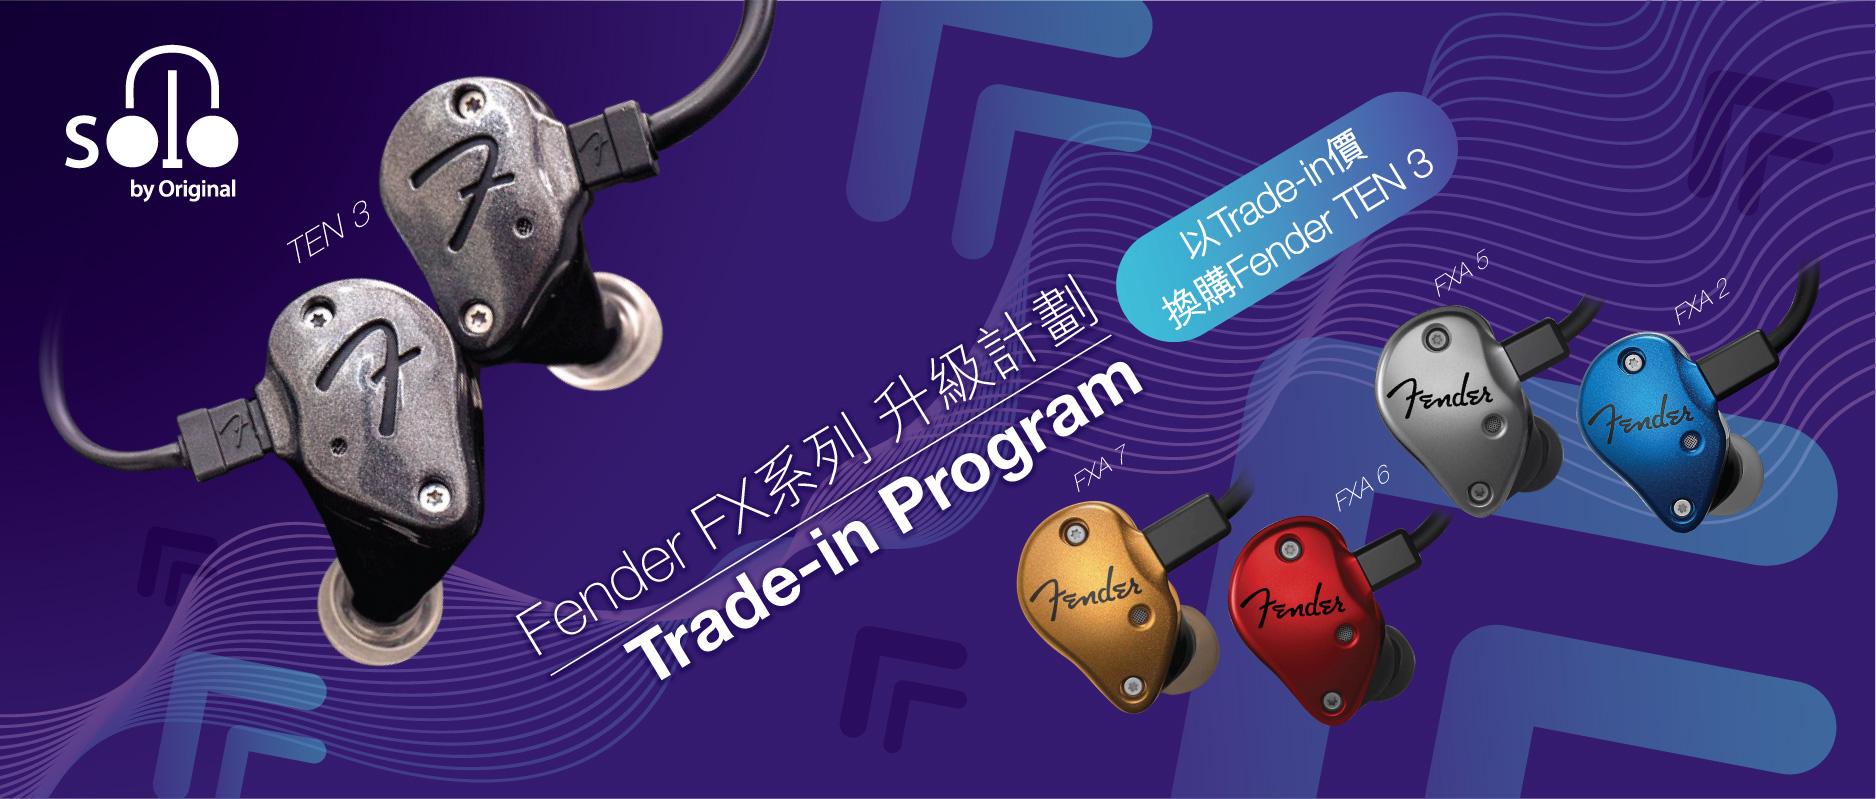 PR01_FX Trade in Plan_WeChat_900x383_02-01.jpg